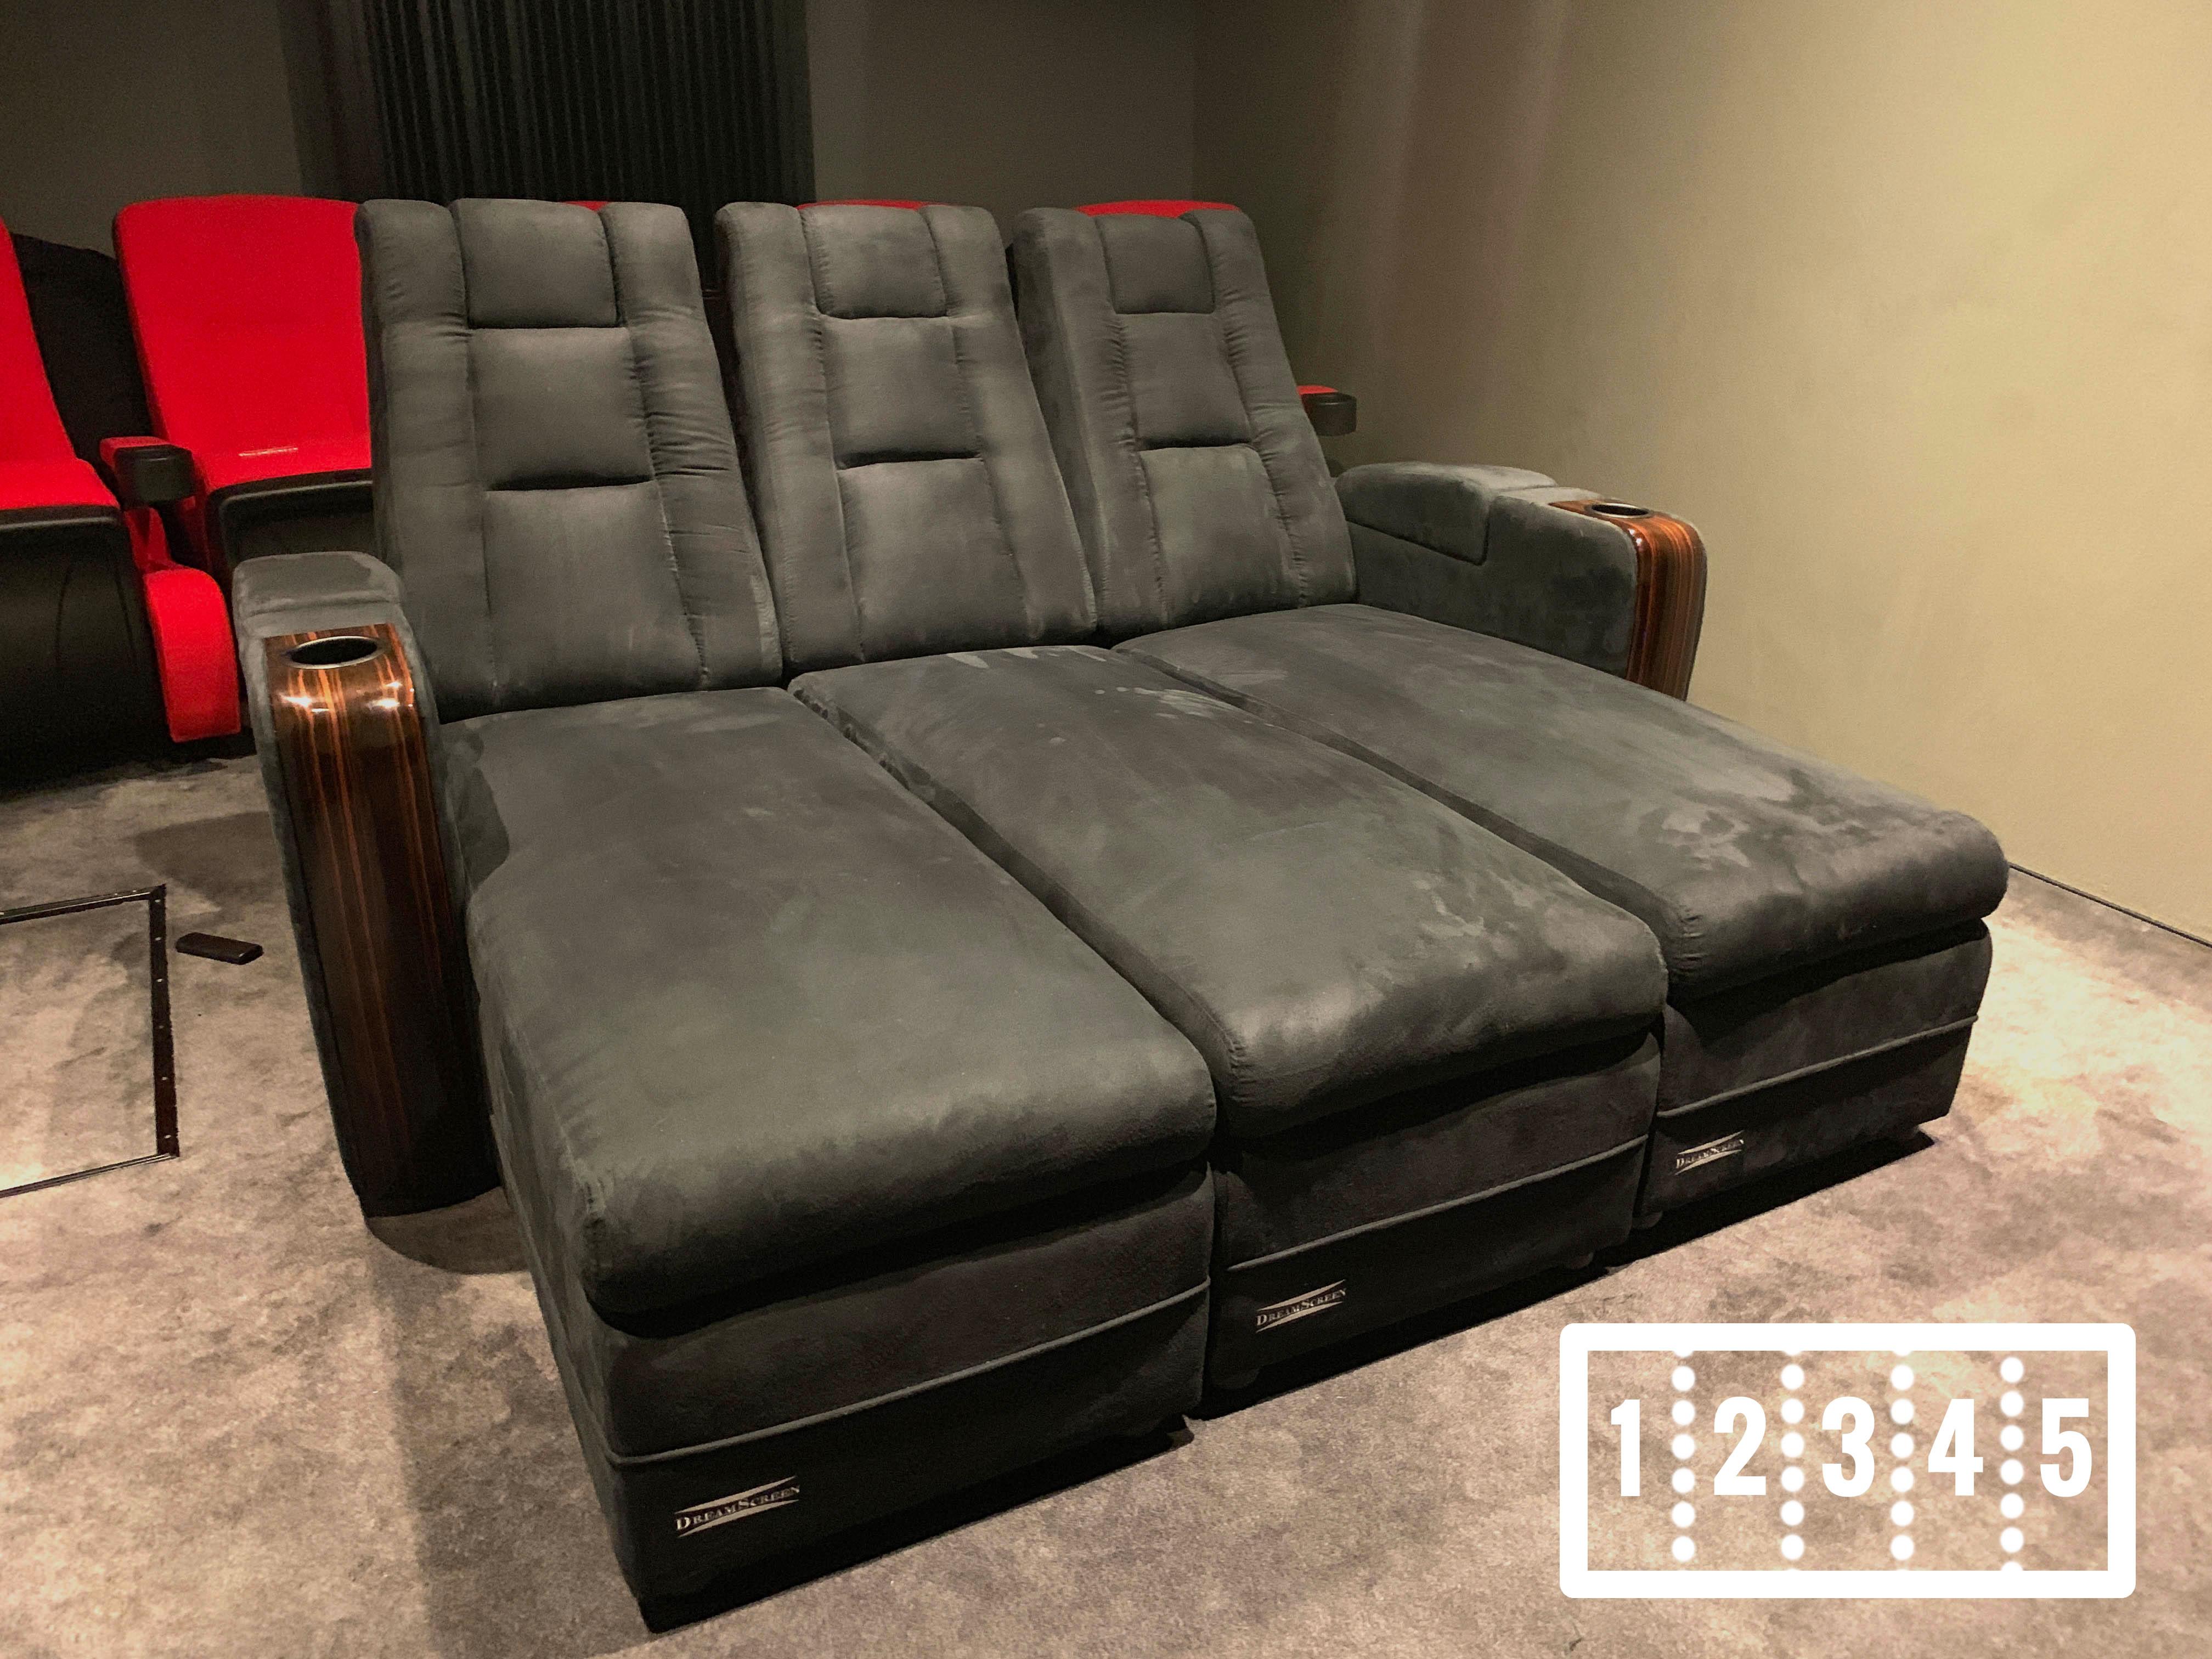 DreamScreen CineSeat ProMotor v4 Motorisert Chaise 5-seter TextileShield Mikrofiber Sort